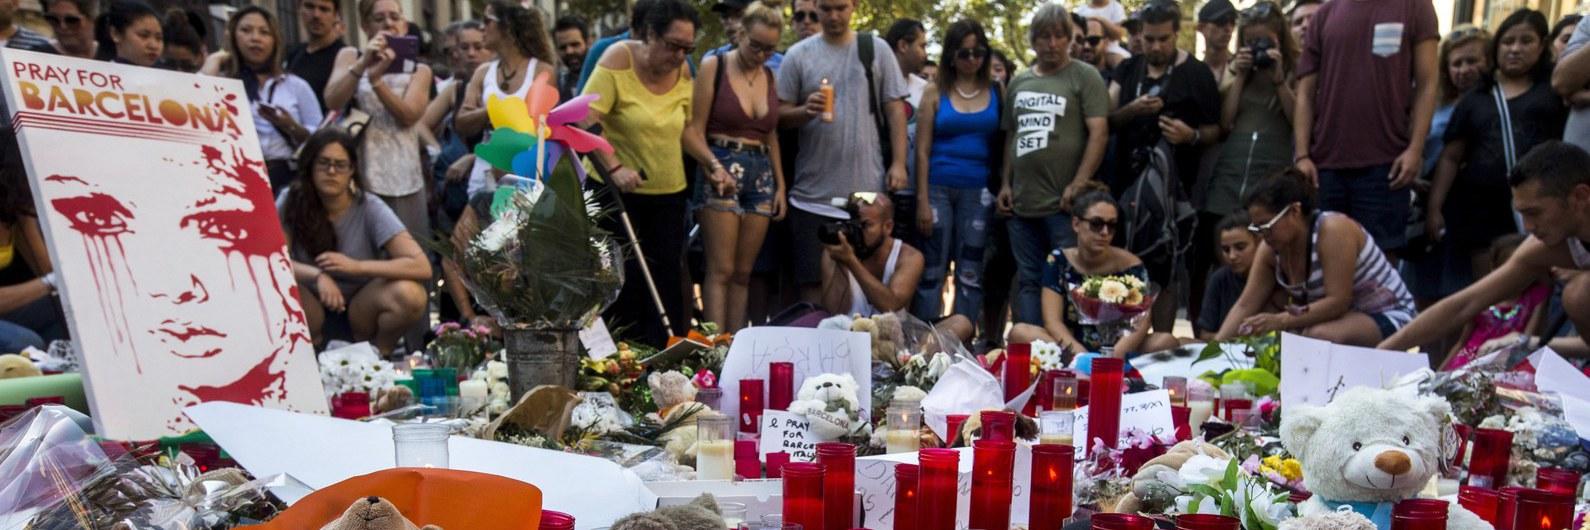 António Costa vai participar na missa pela paz e concórdia em Barcelona